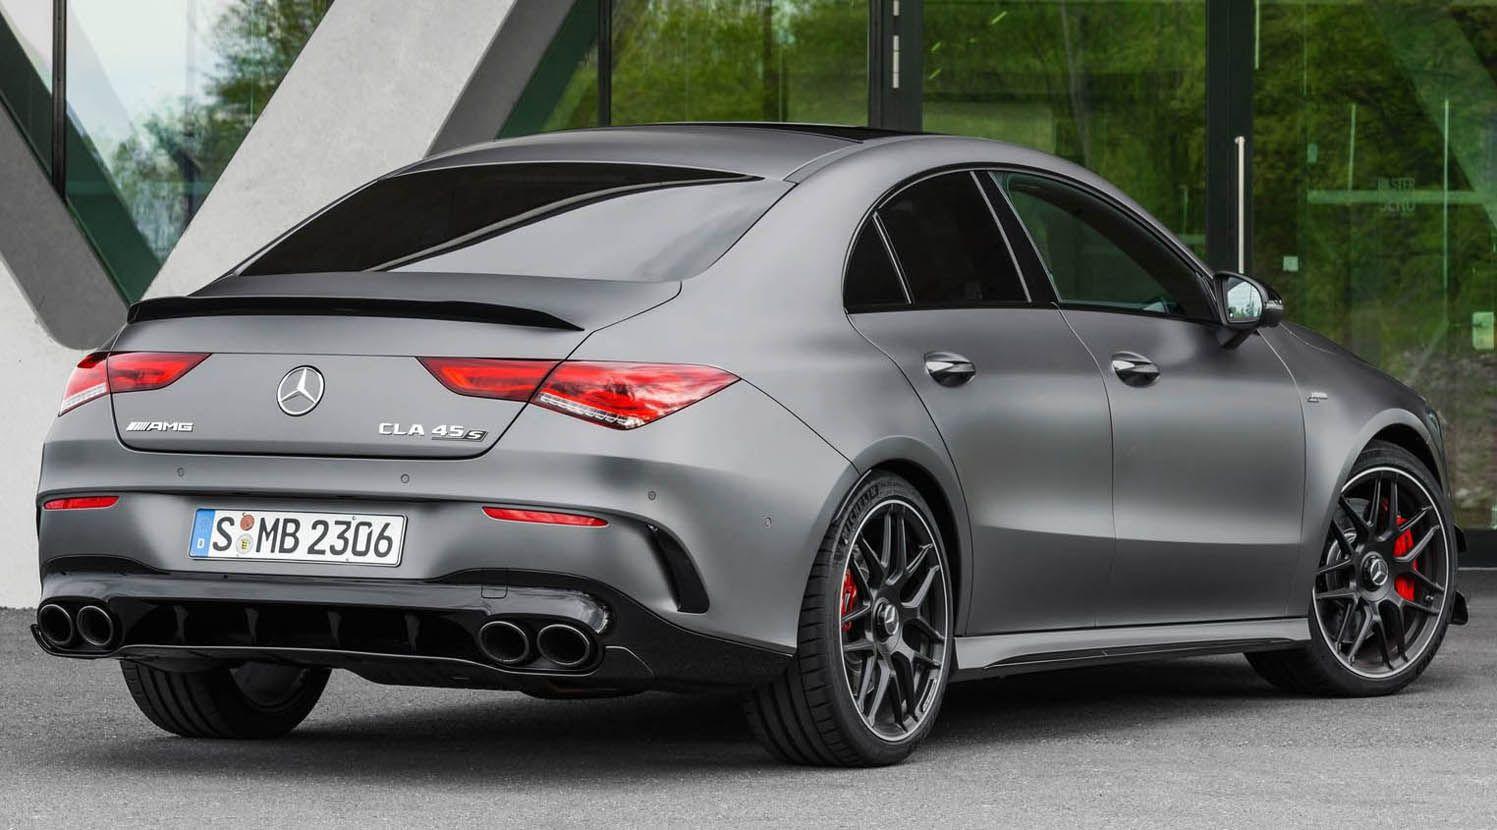 مرسيدس آي أم جي سي أل آي45 الجديدة بالكامل 2020 كوبيه رباعية الأبواب مدمجة ومتفوقة على الجميع موقع ويلز Mercedes Amg Mercedes Benz Bmw Car